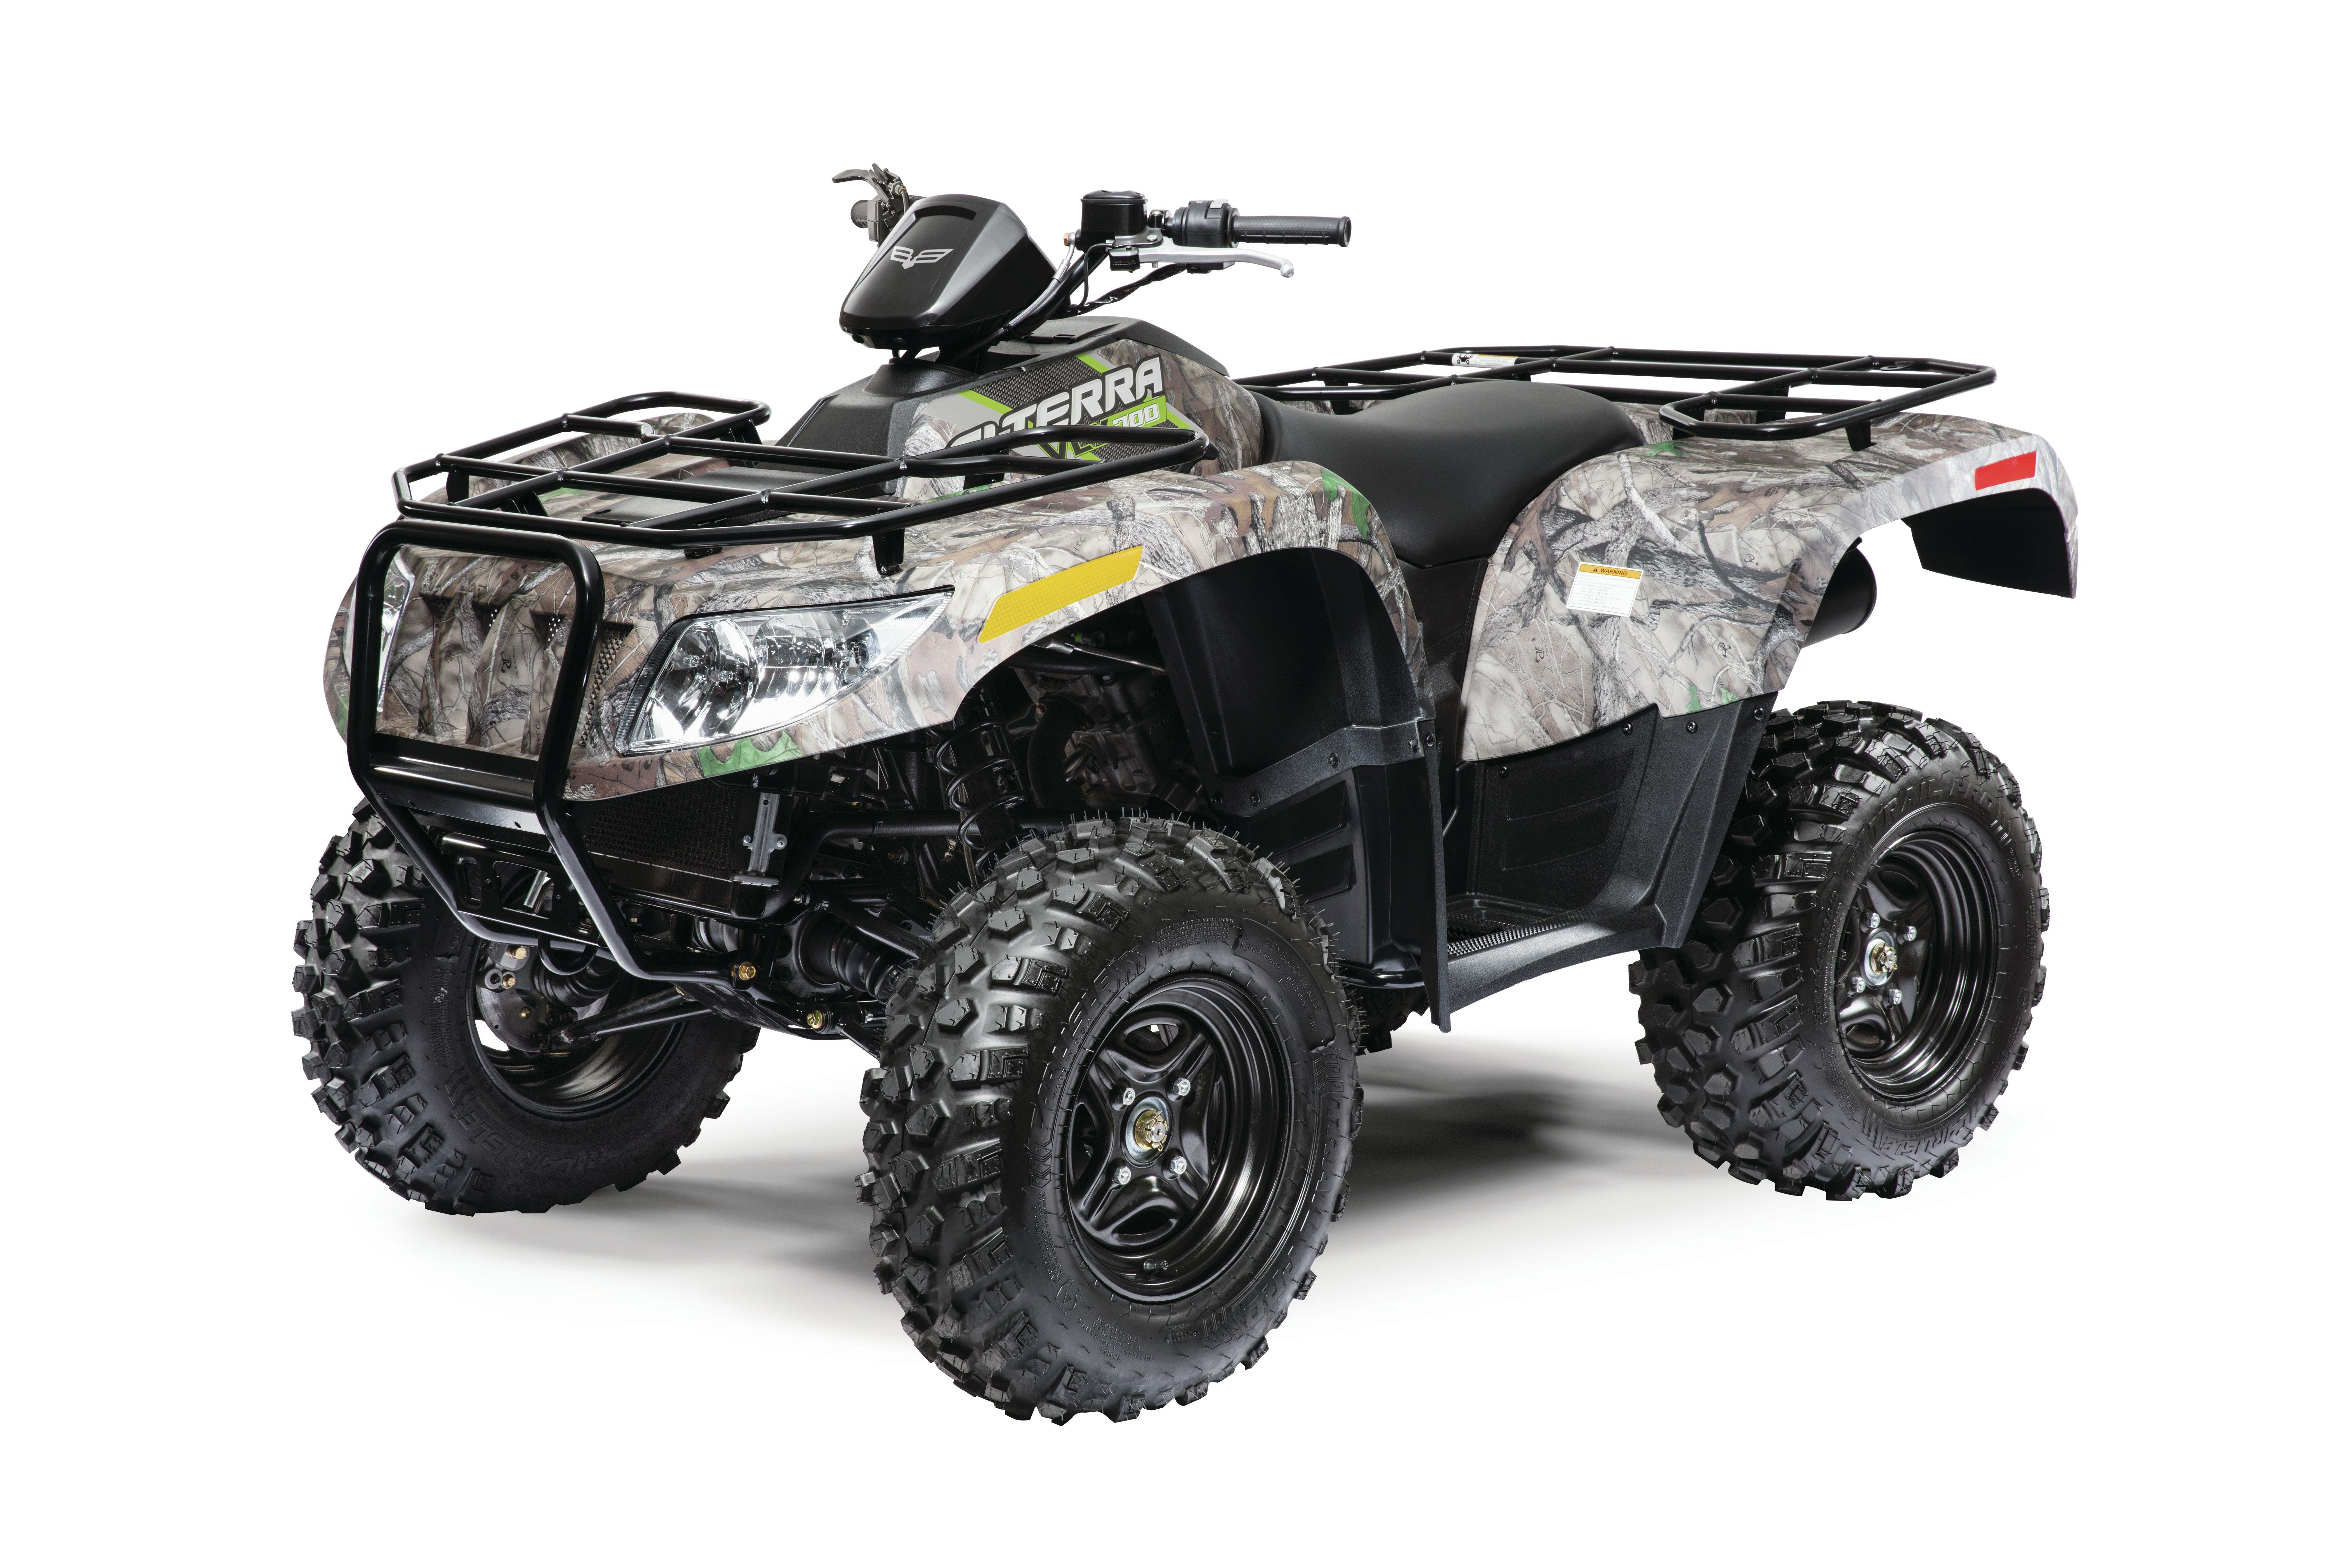 Arctic Cat Snowmobiles For Sale >> 2018 Arctic Cat Textron VLX 700 EPS Camo - Grégoire Sport